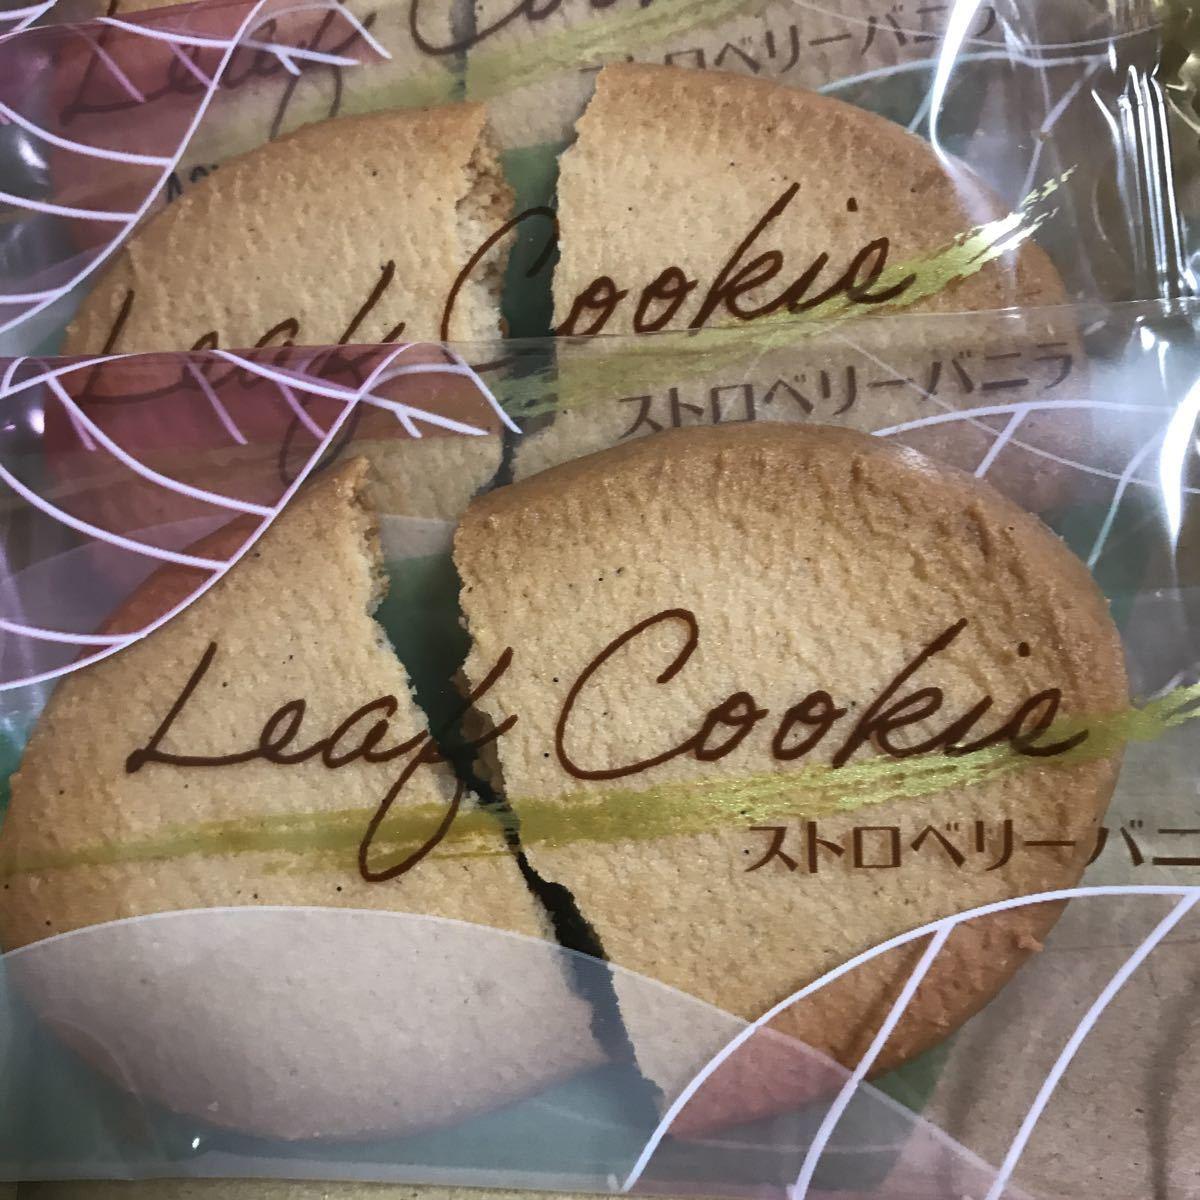 ★1円スタート!ワケありクッキー 3種類 24枚 お買い得 格安 お買い得焼菓子 ★_画像4